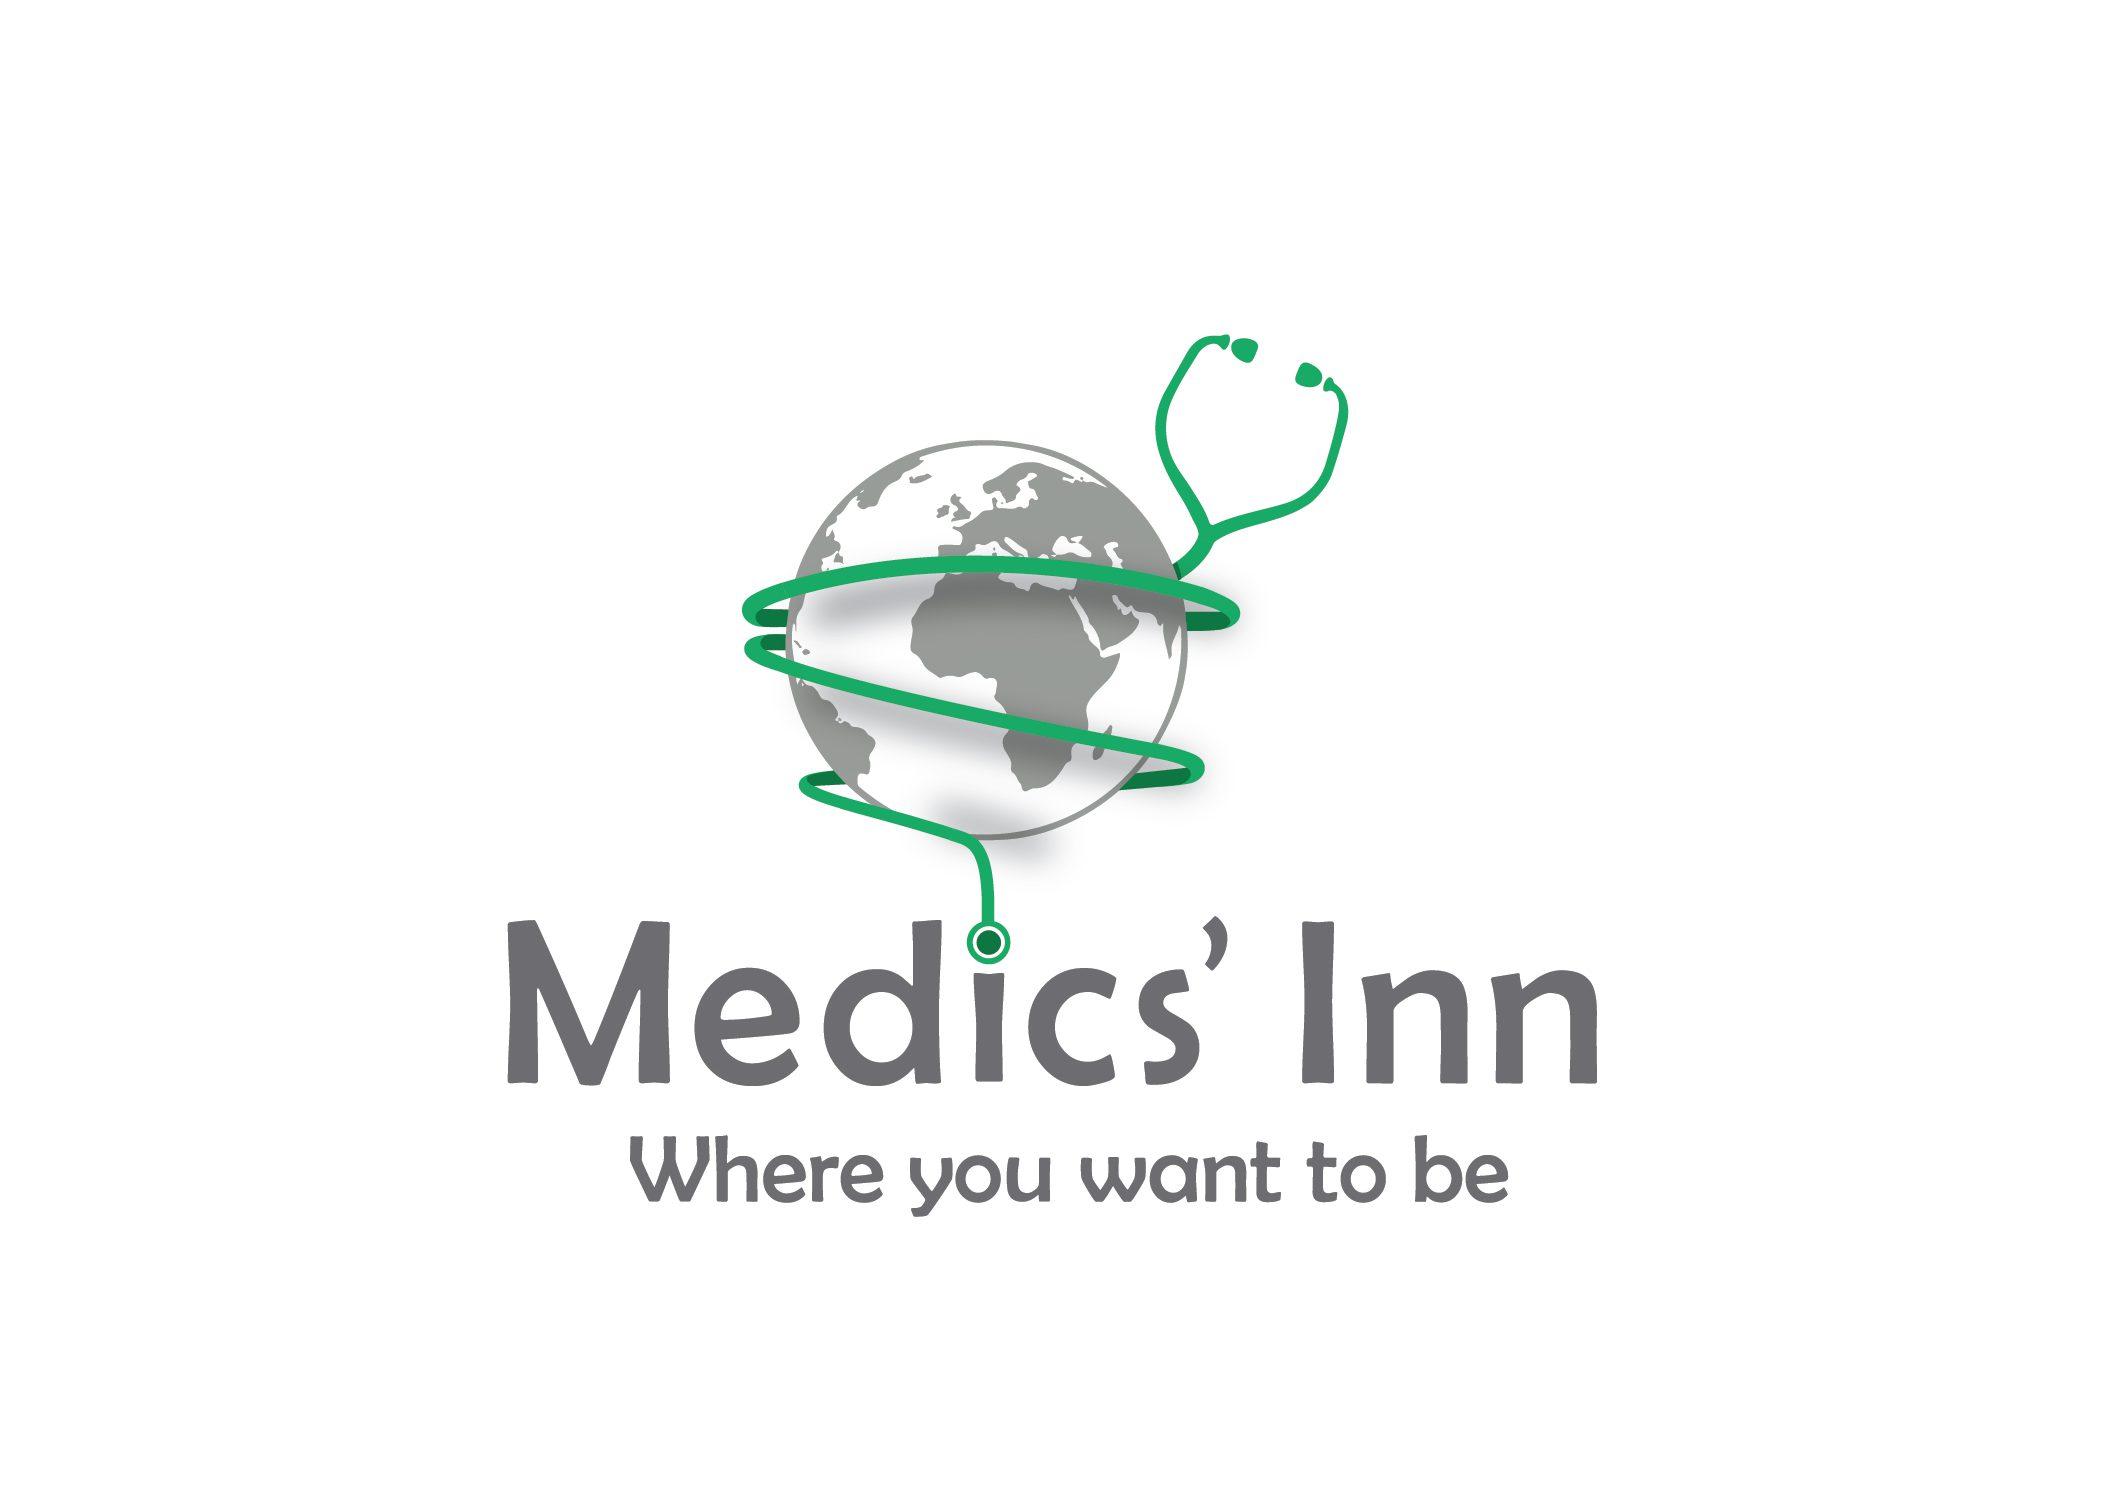 Medics' Inn